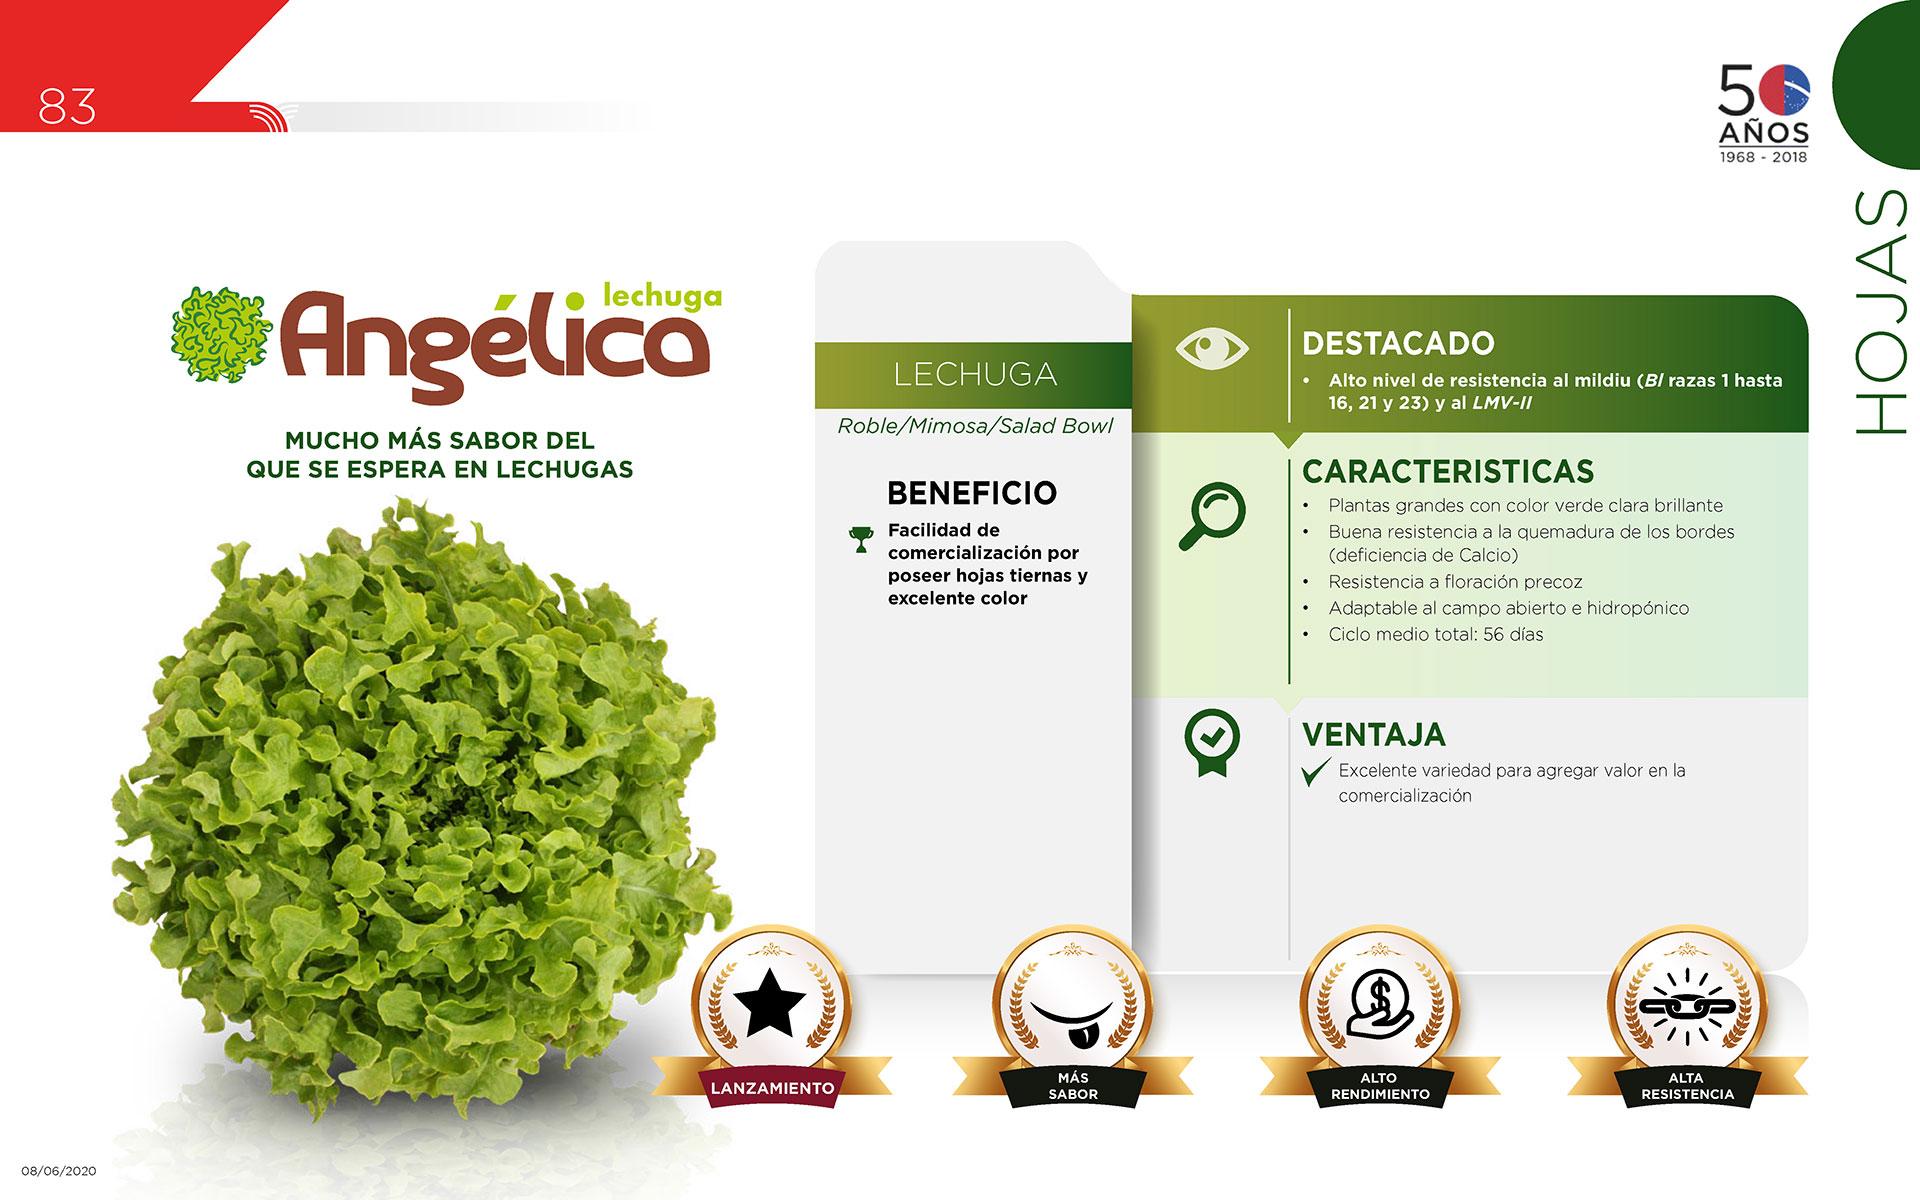 Angélica - Hojas